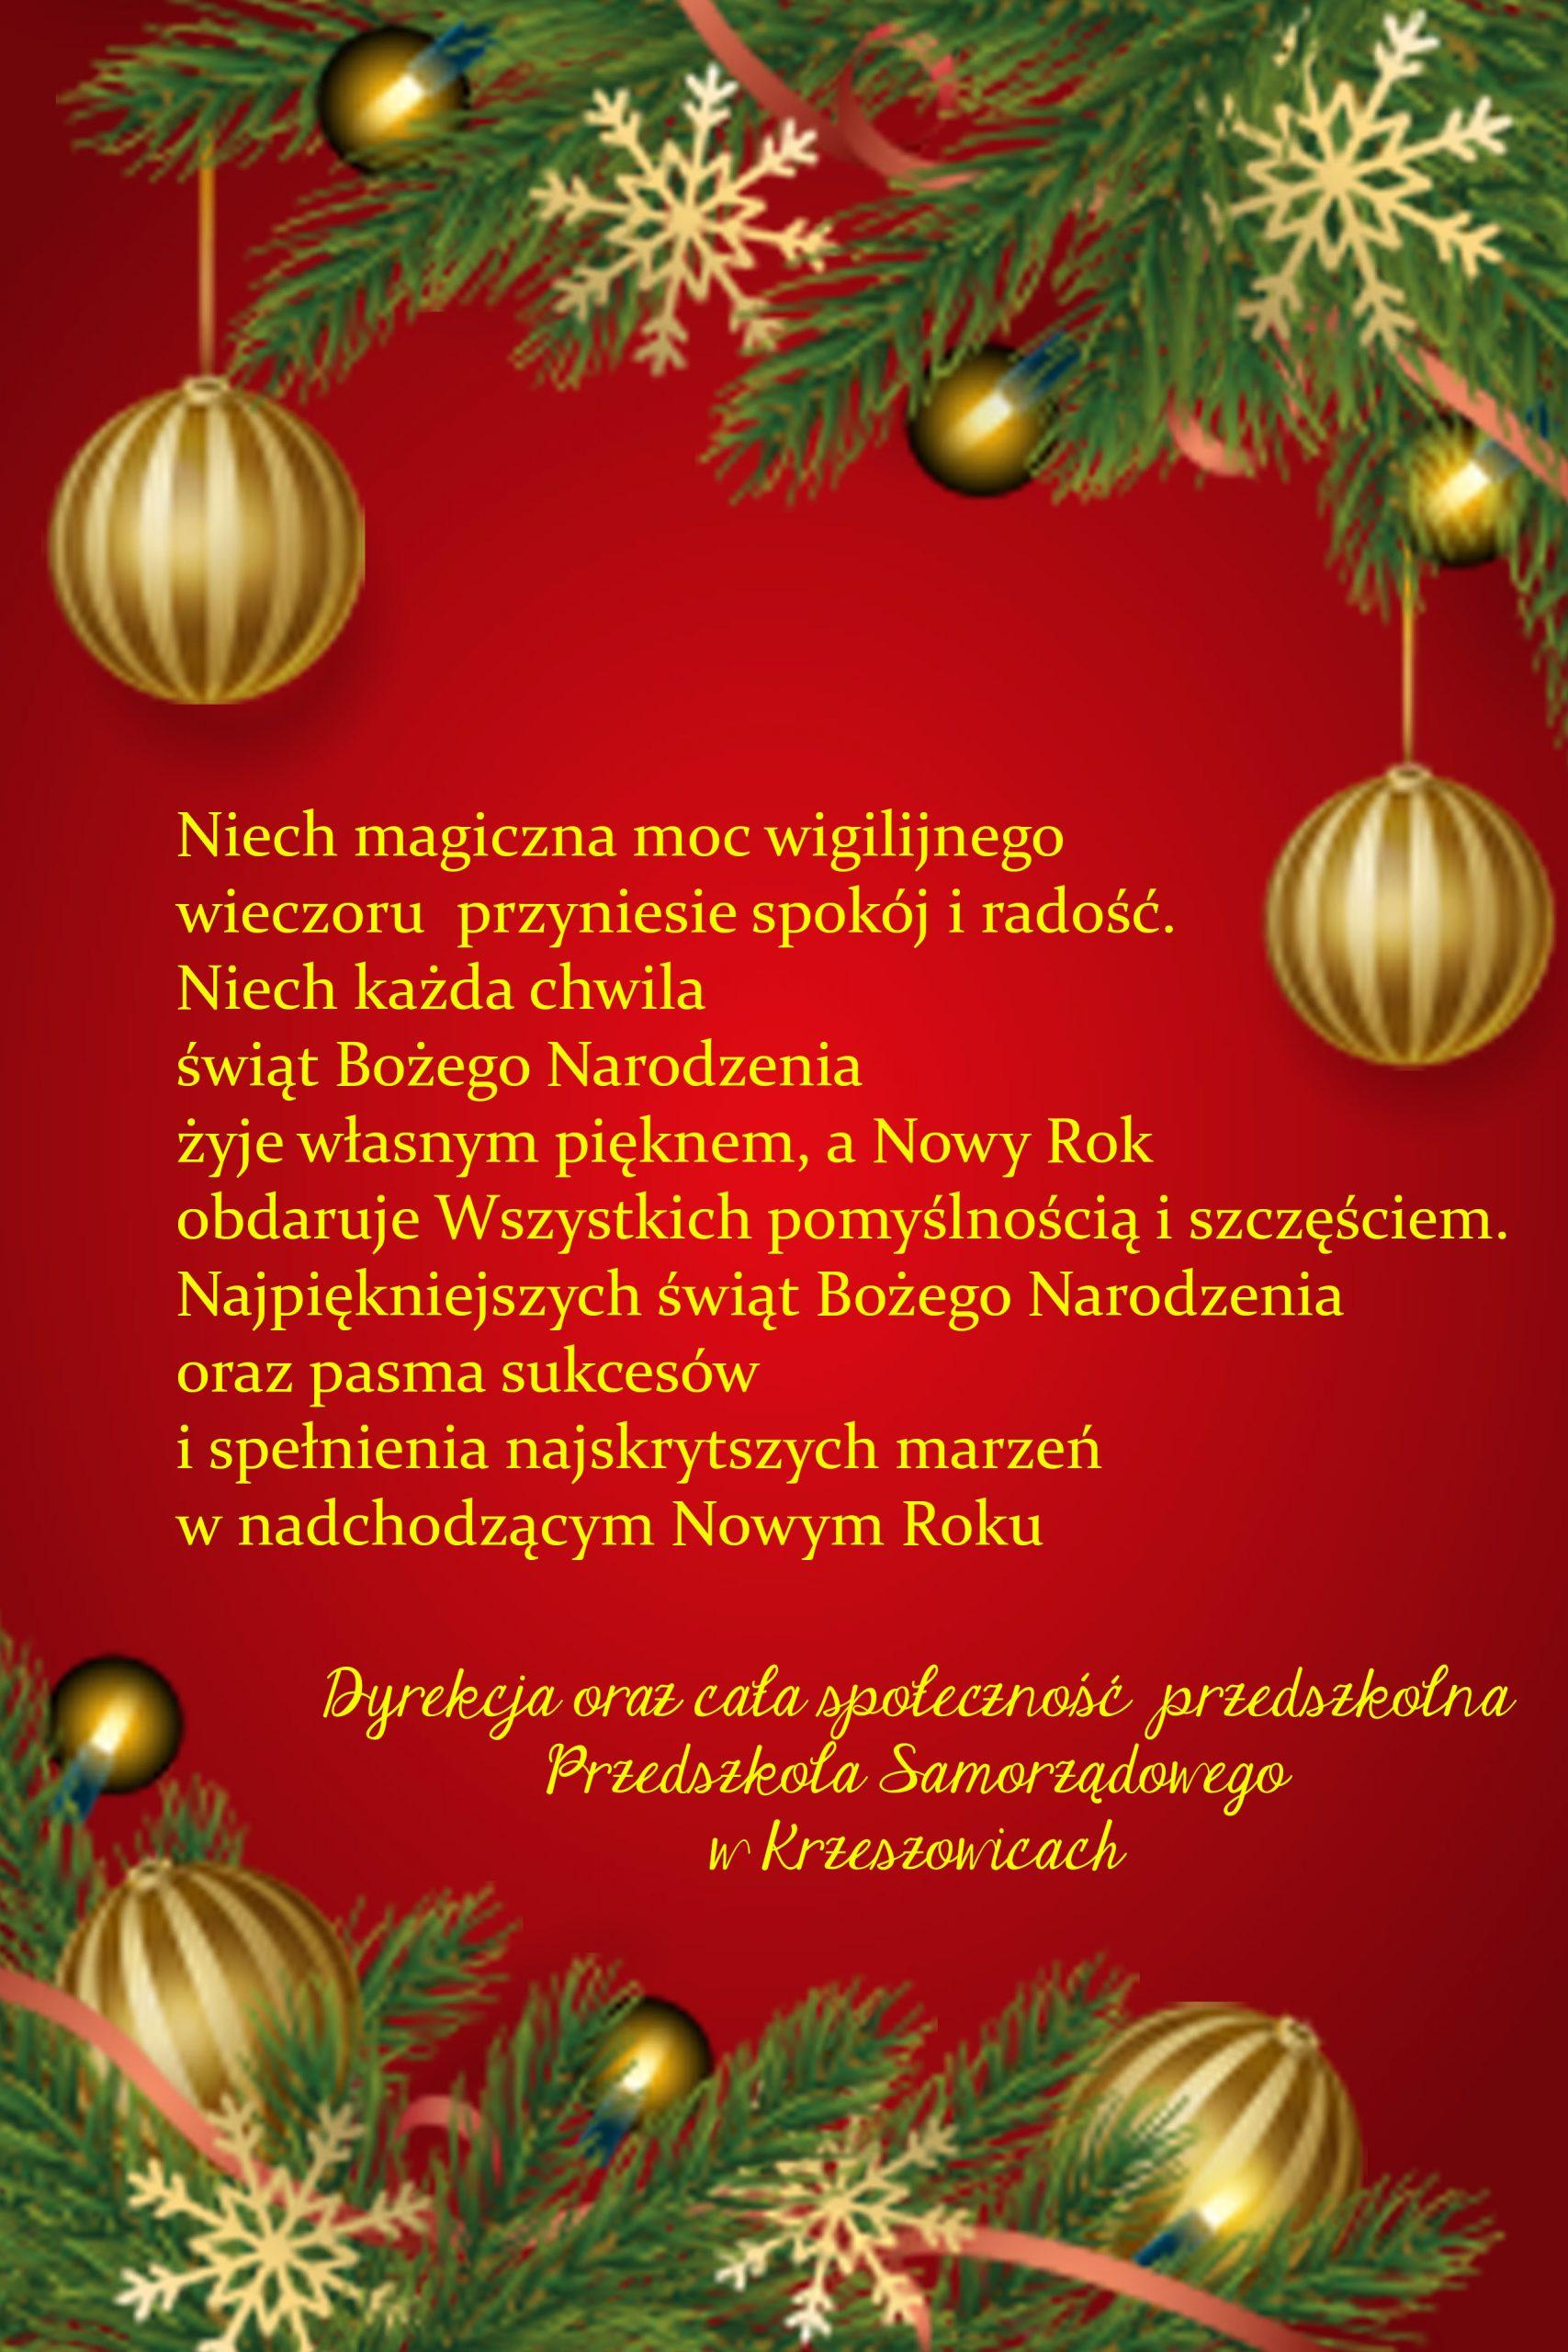 Życzenie Bożonarodzeniowe 2019